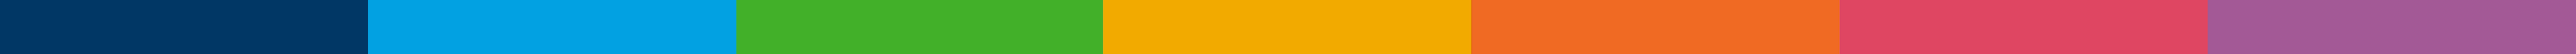 1562567601998-colour.png